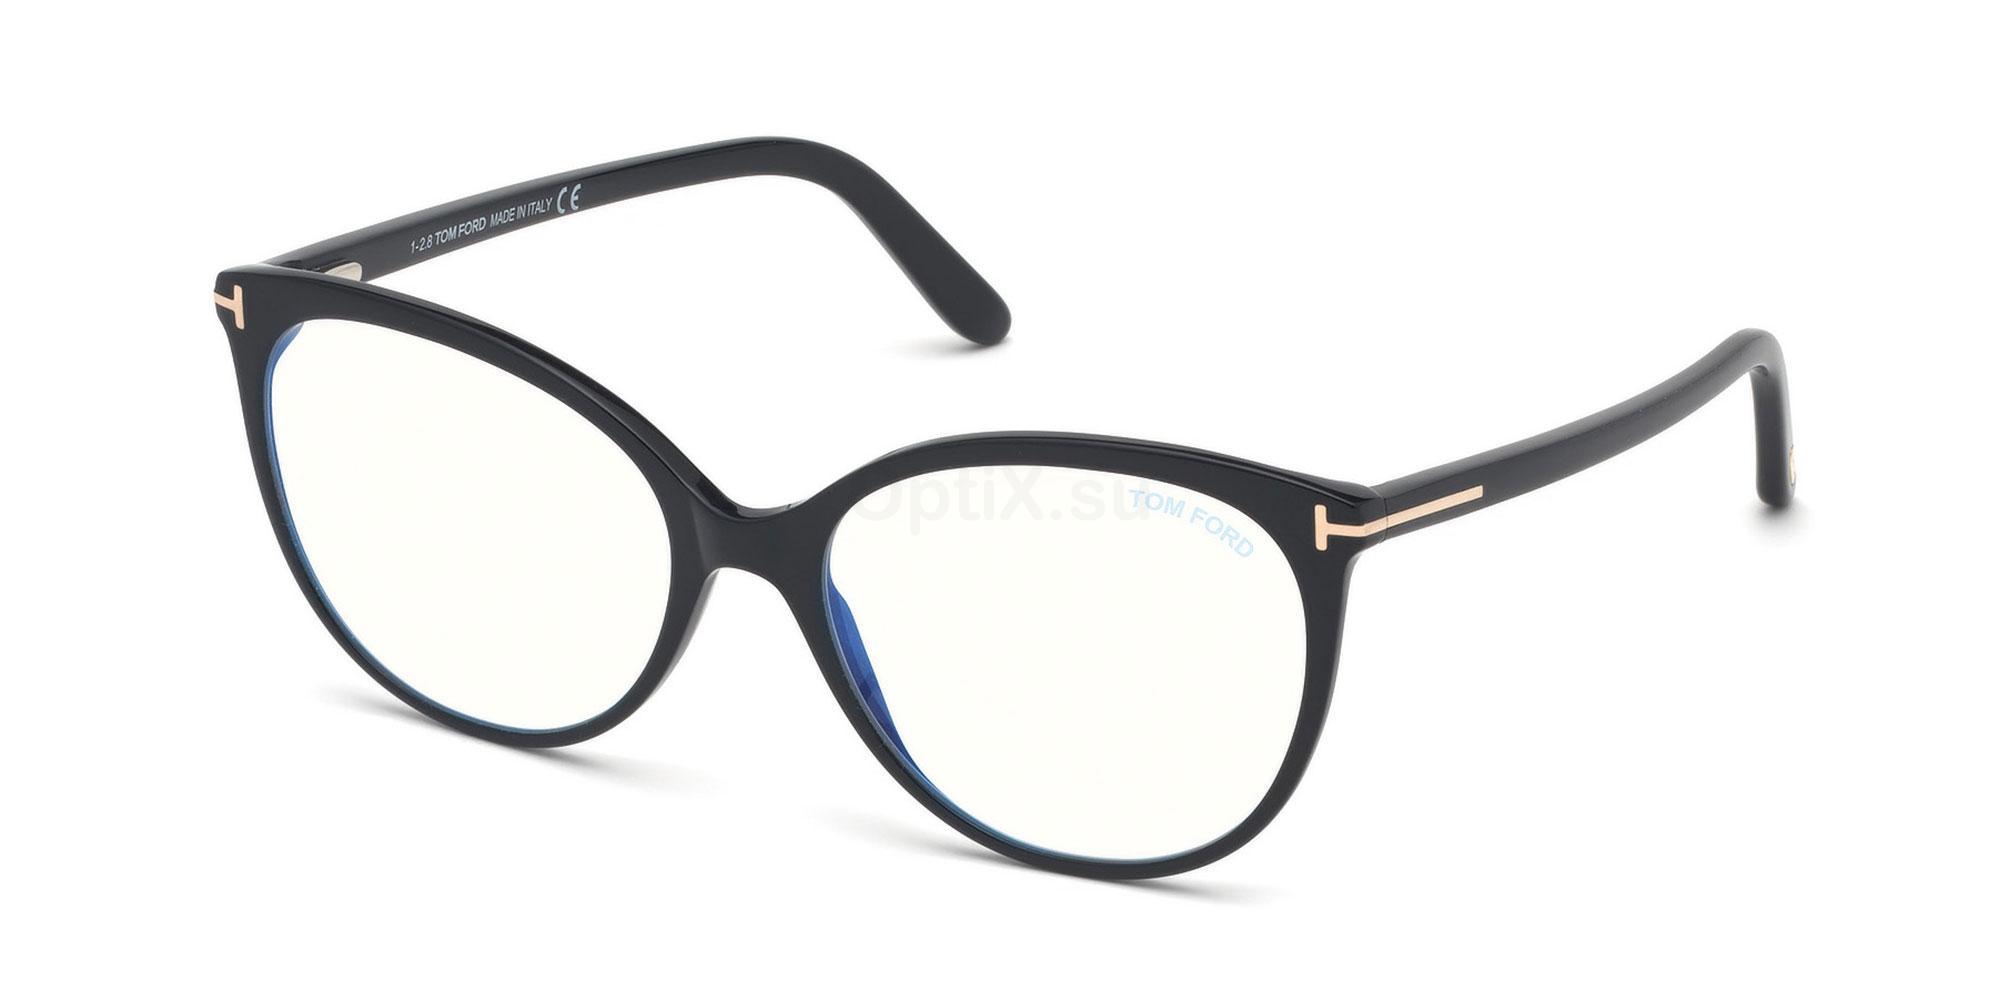 001 FT5598-B Glasses, Tom Ford